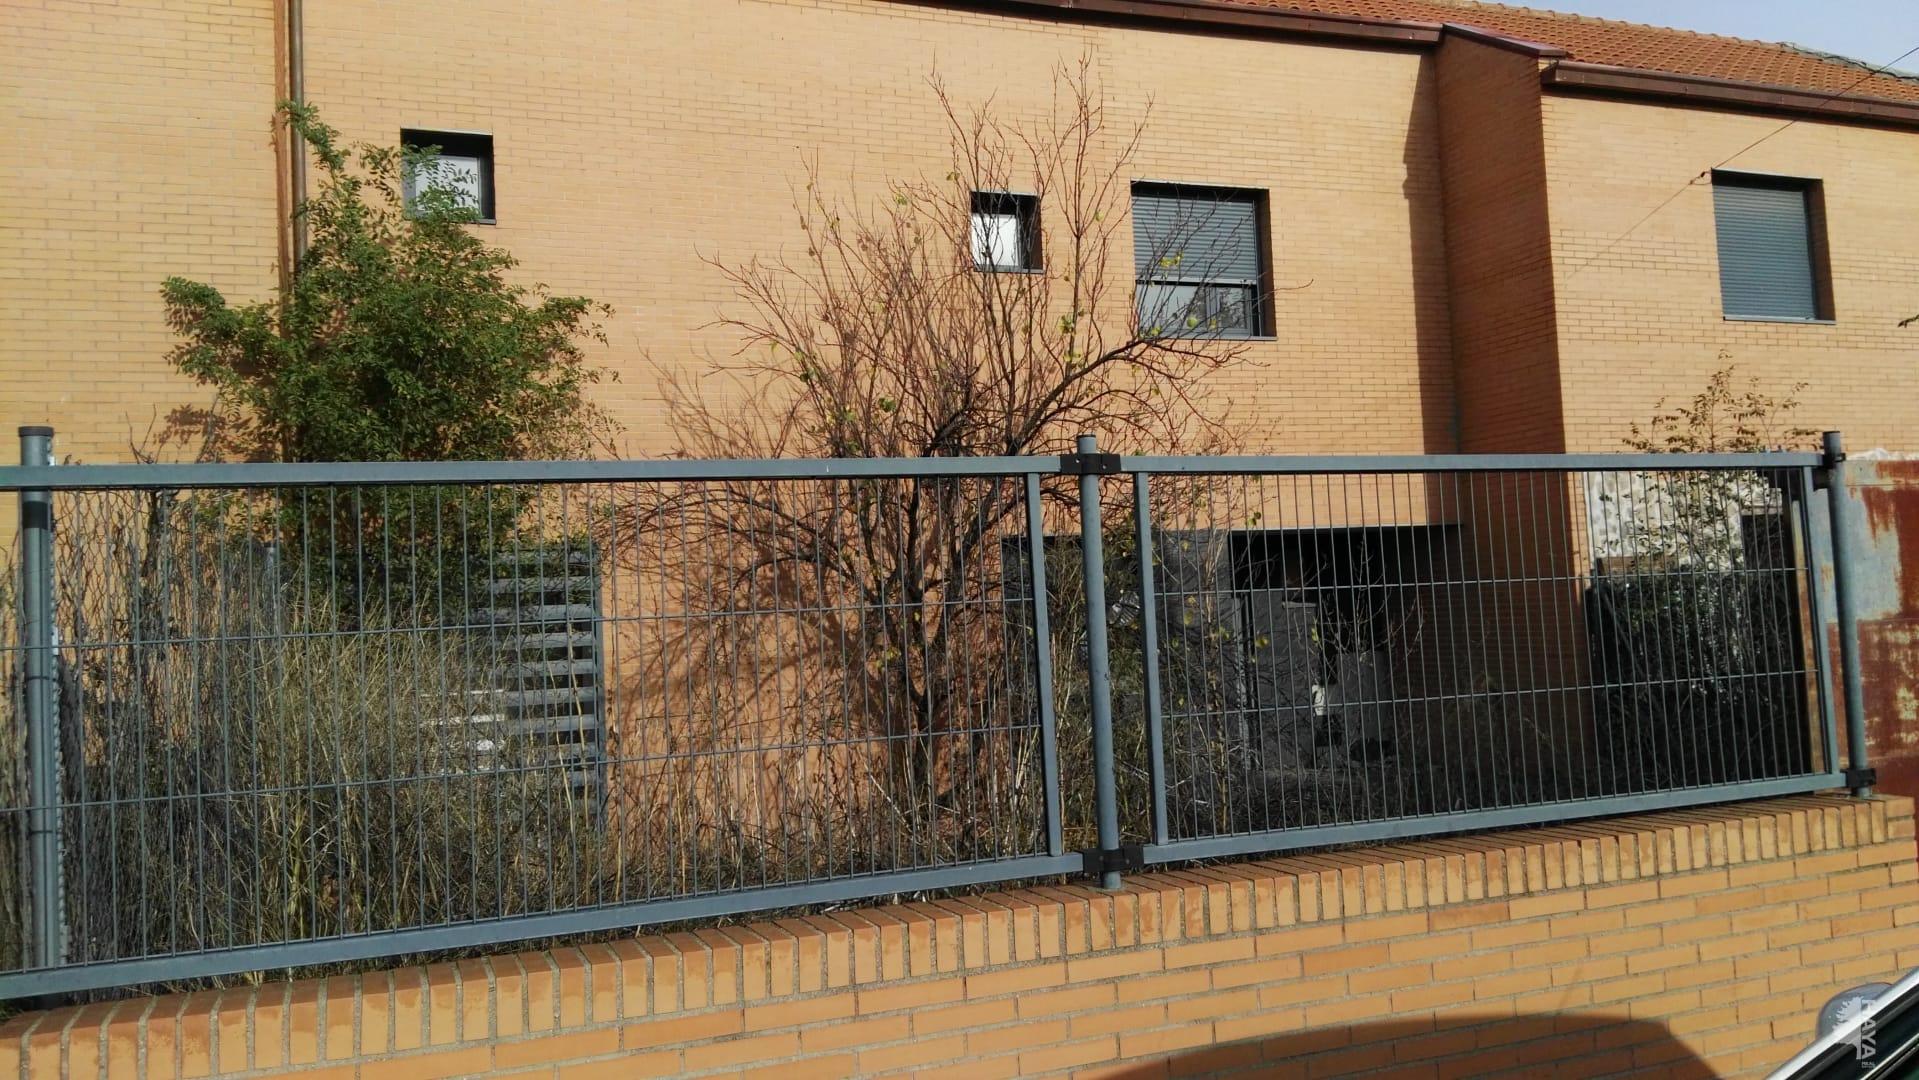 Casa en venta en Villamiel de Toledo, Villamiel de Toledo, españa, Calle Moreras, 71.800 €, 4 habitaciones, 3 baños, 140 m2